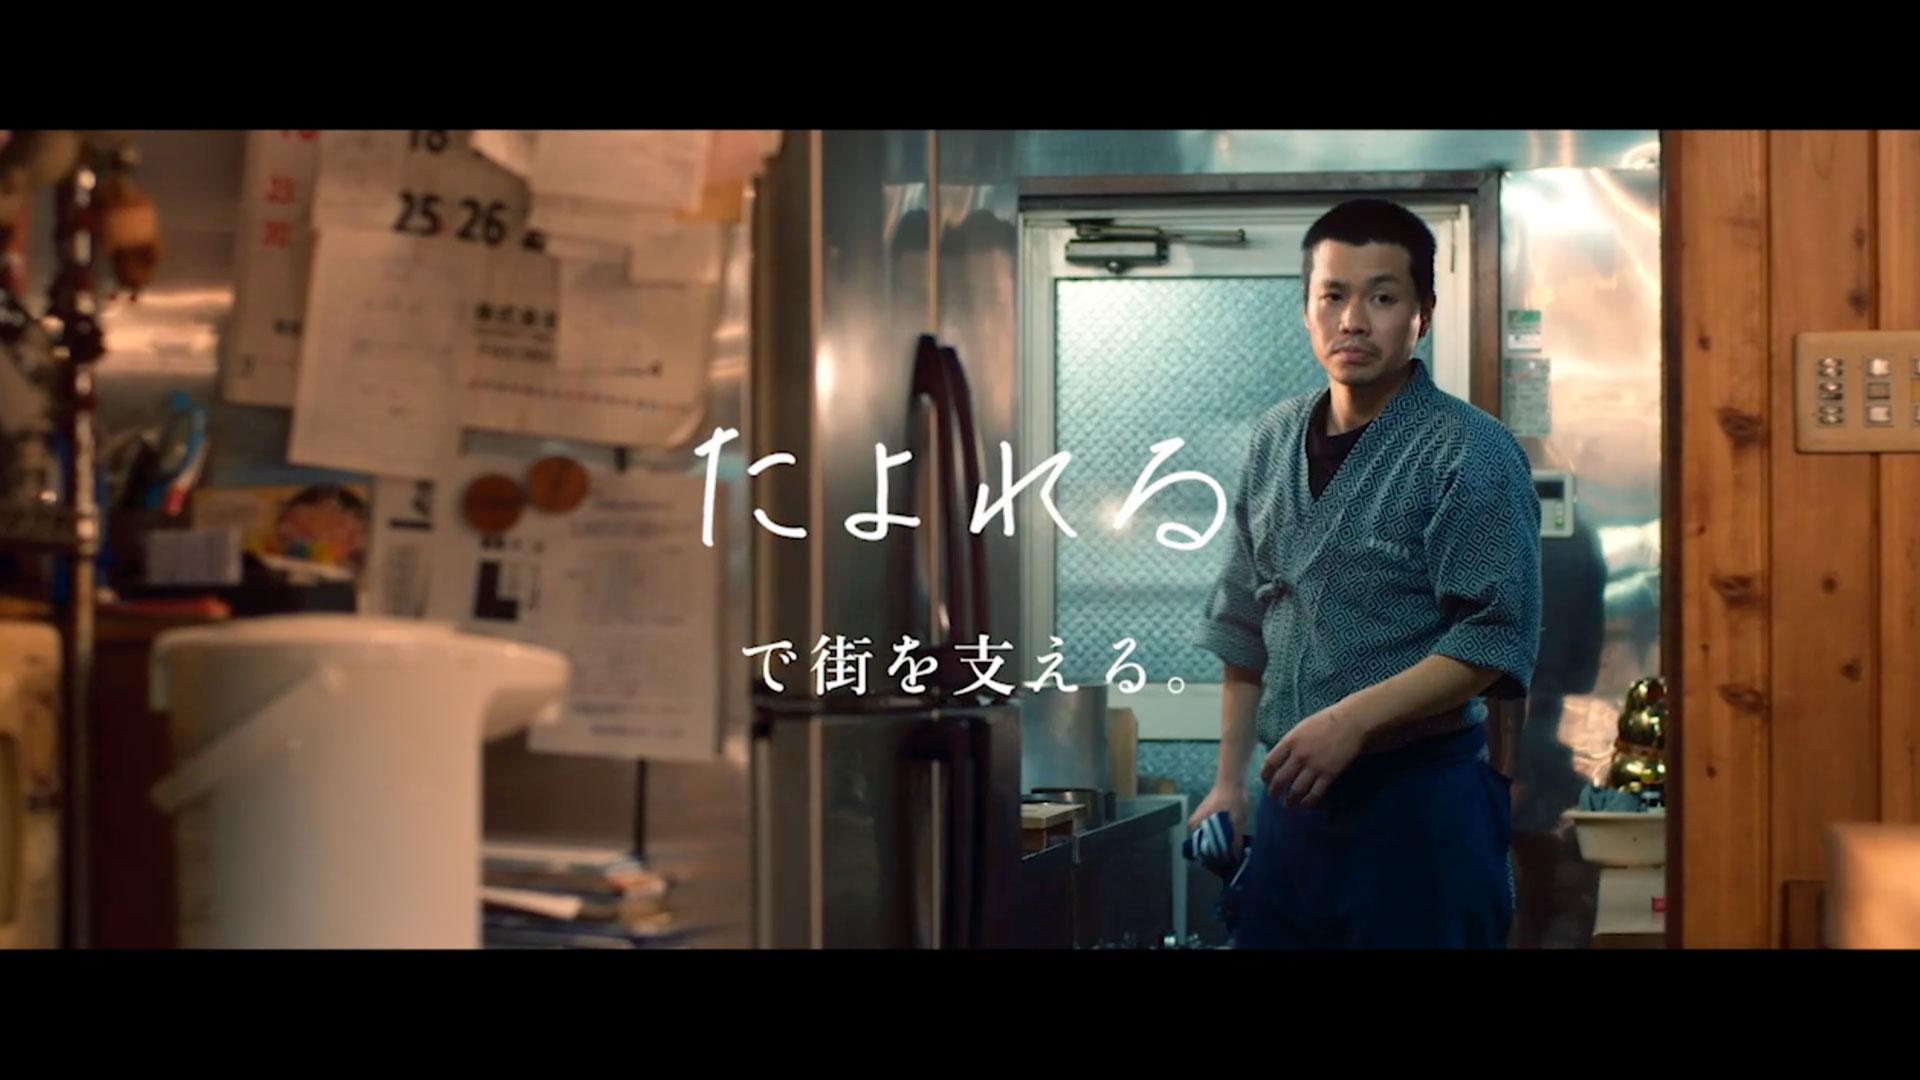 静岡ガス「情熱酒場 」